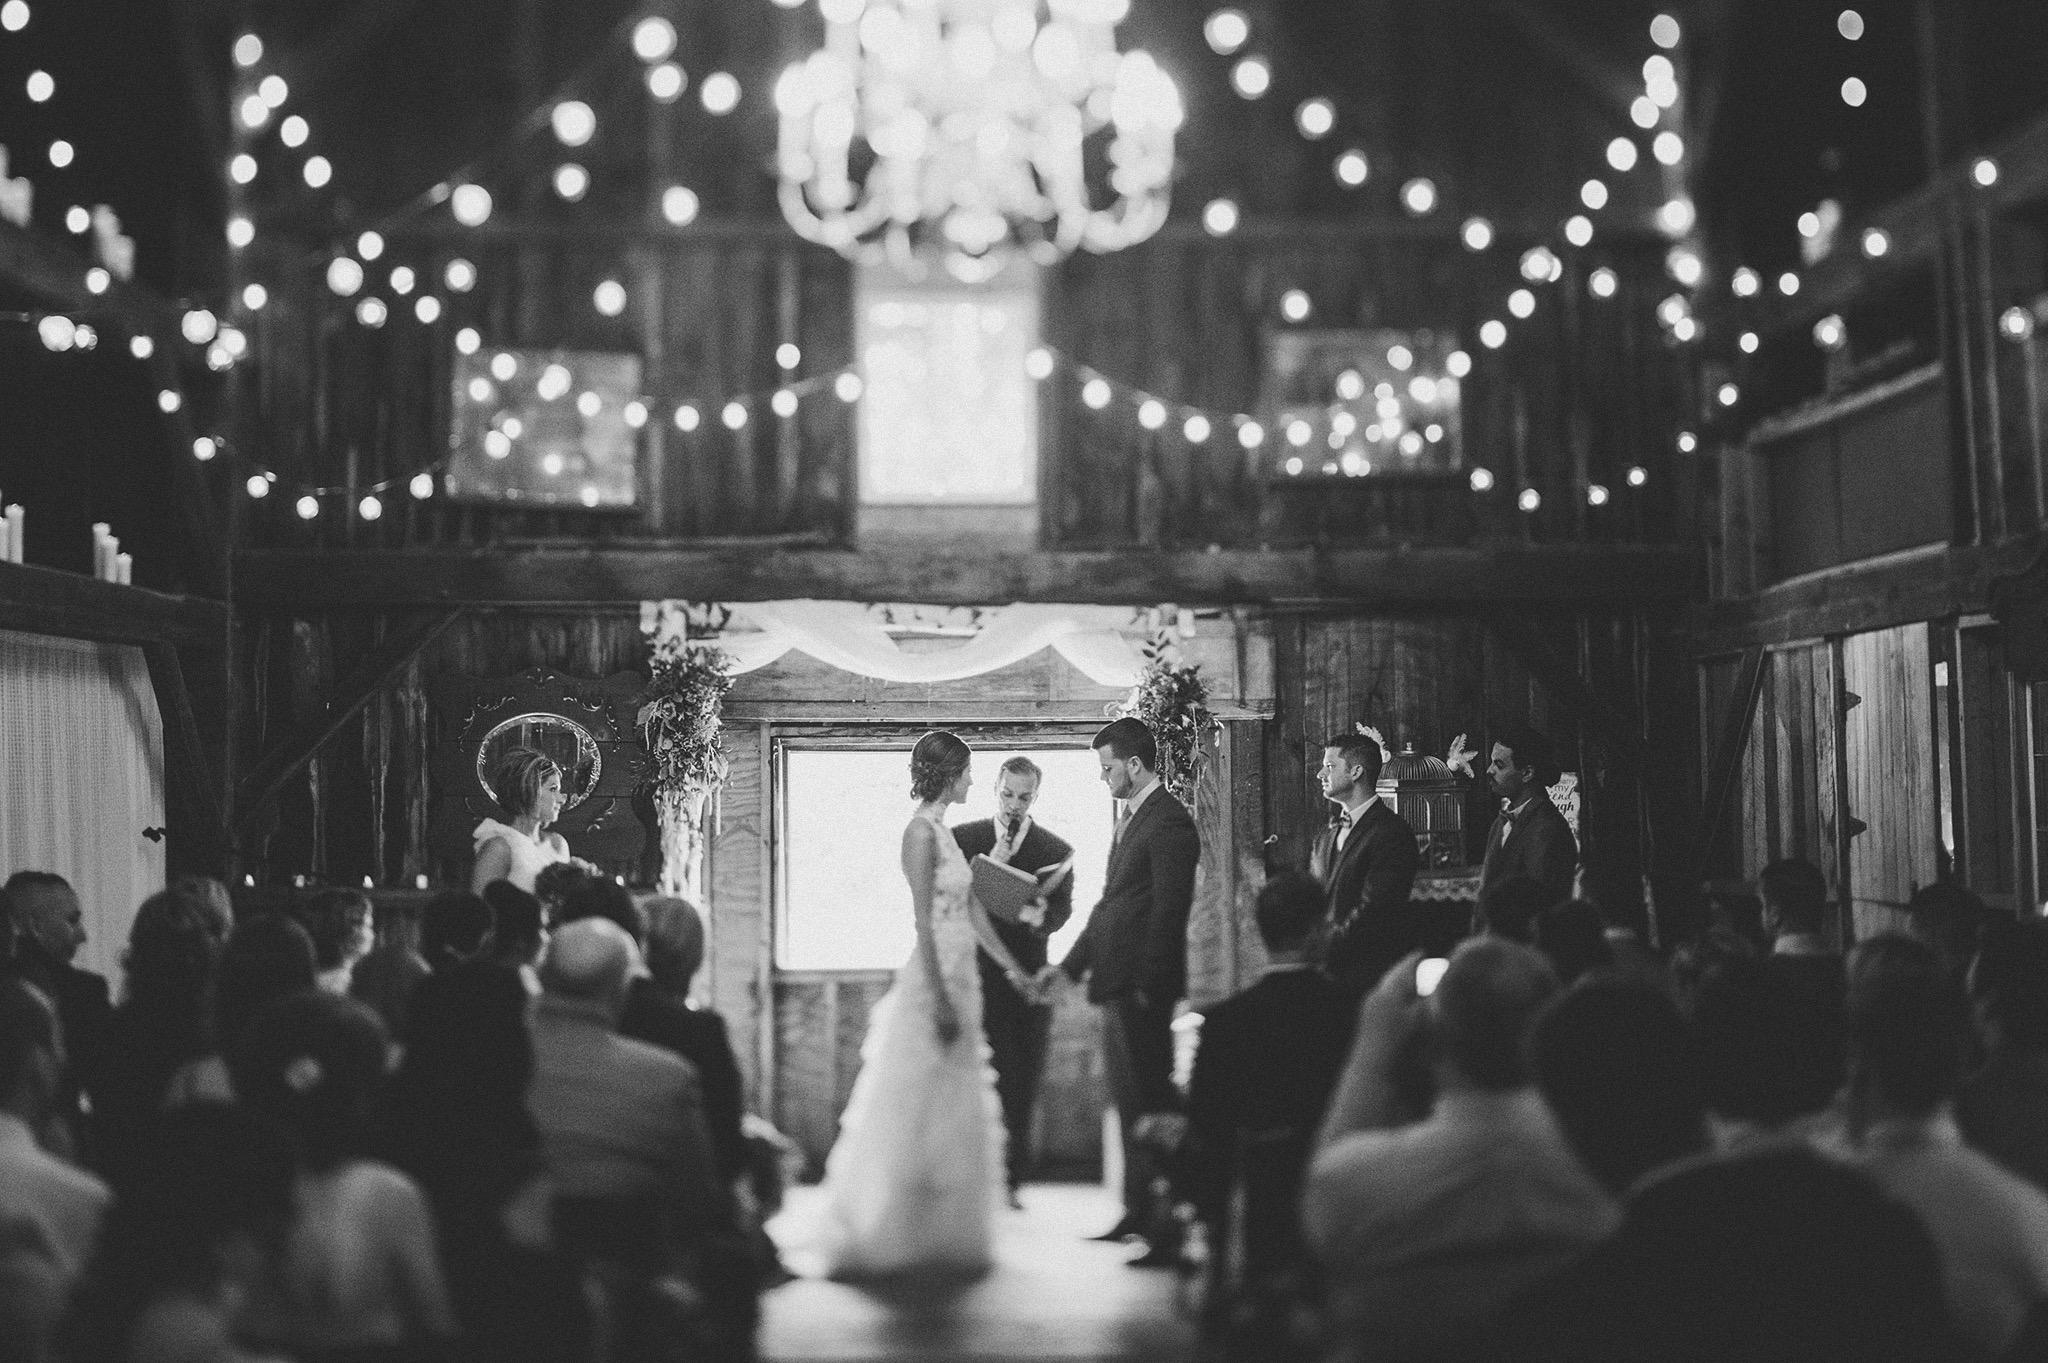 60-tiltshift-wedding-photos.jpg